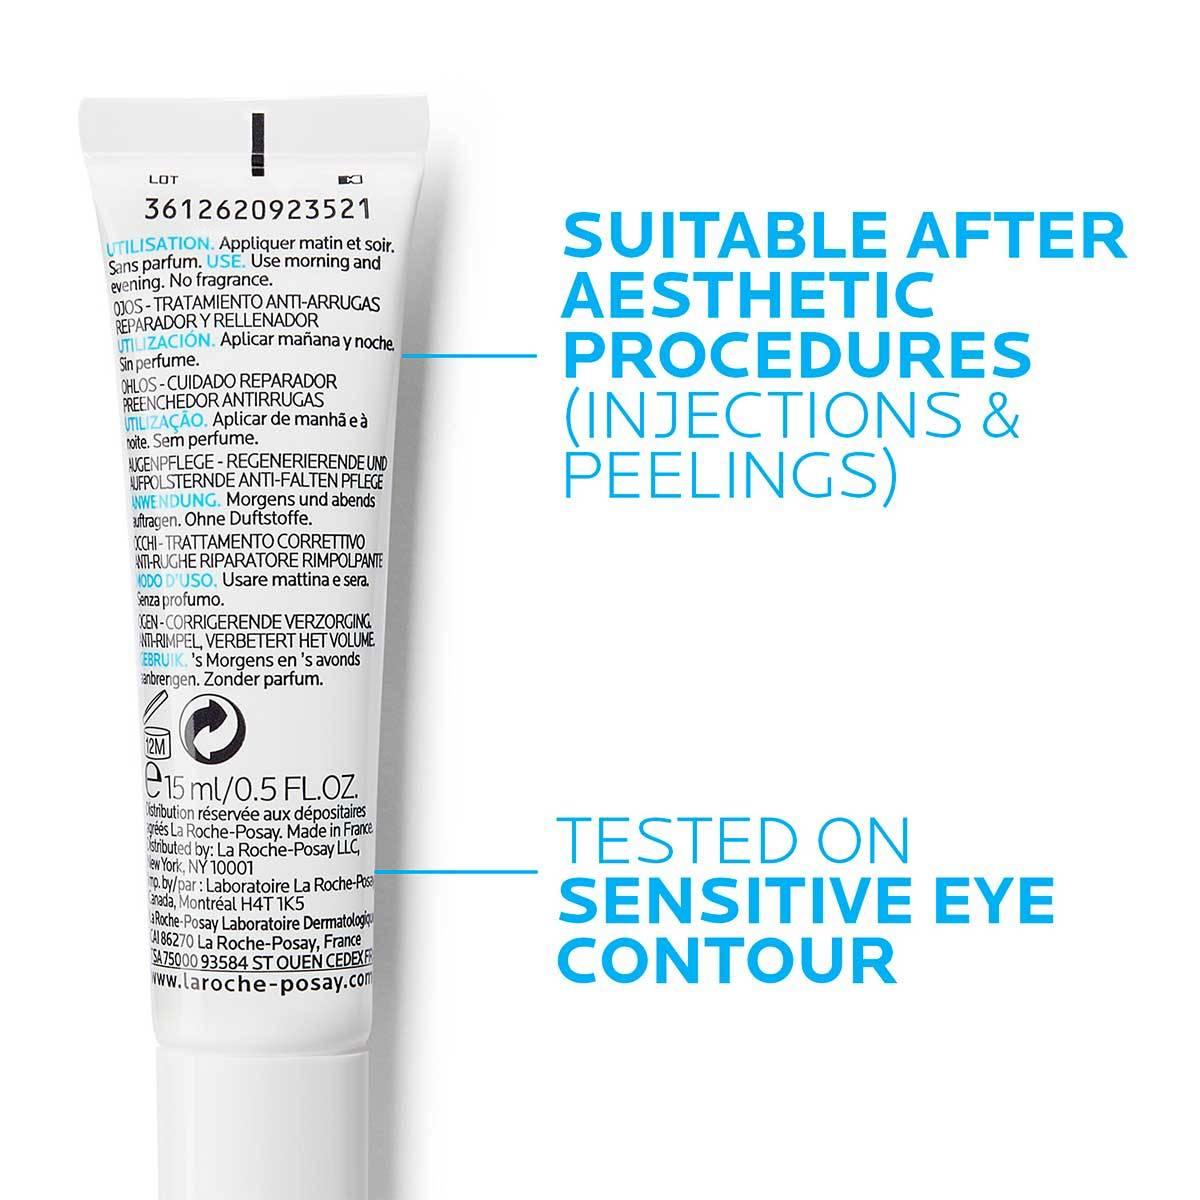 La Roche Posay Tuotesivu Ikääntymisen ehkäisy Hyalu B5 Eyes 40ml 3337875613668